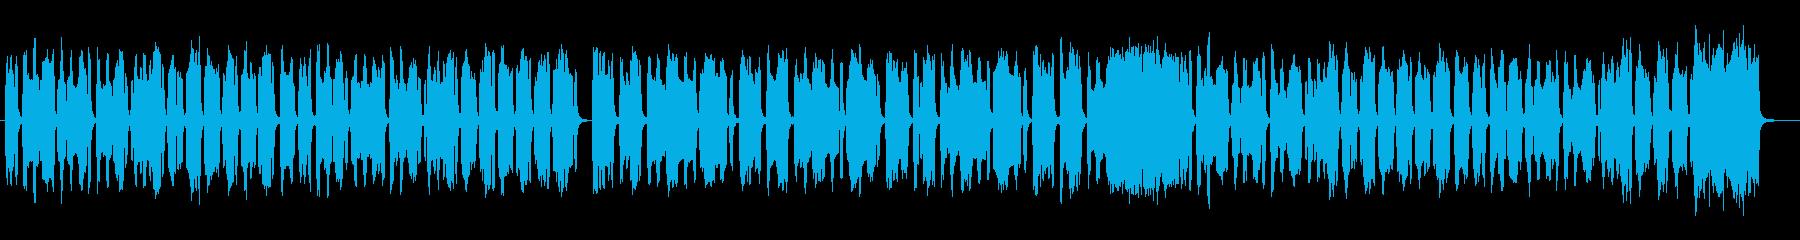 ほのぼのした日常が浮かぶハネた曲の再生済みの波形